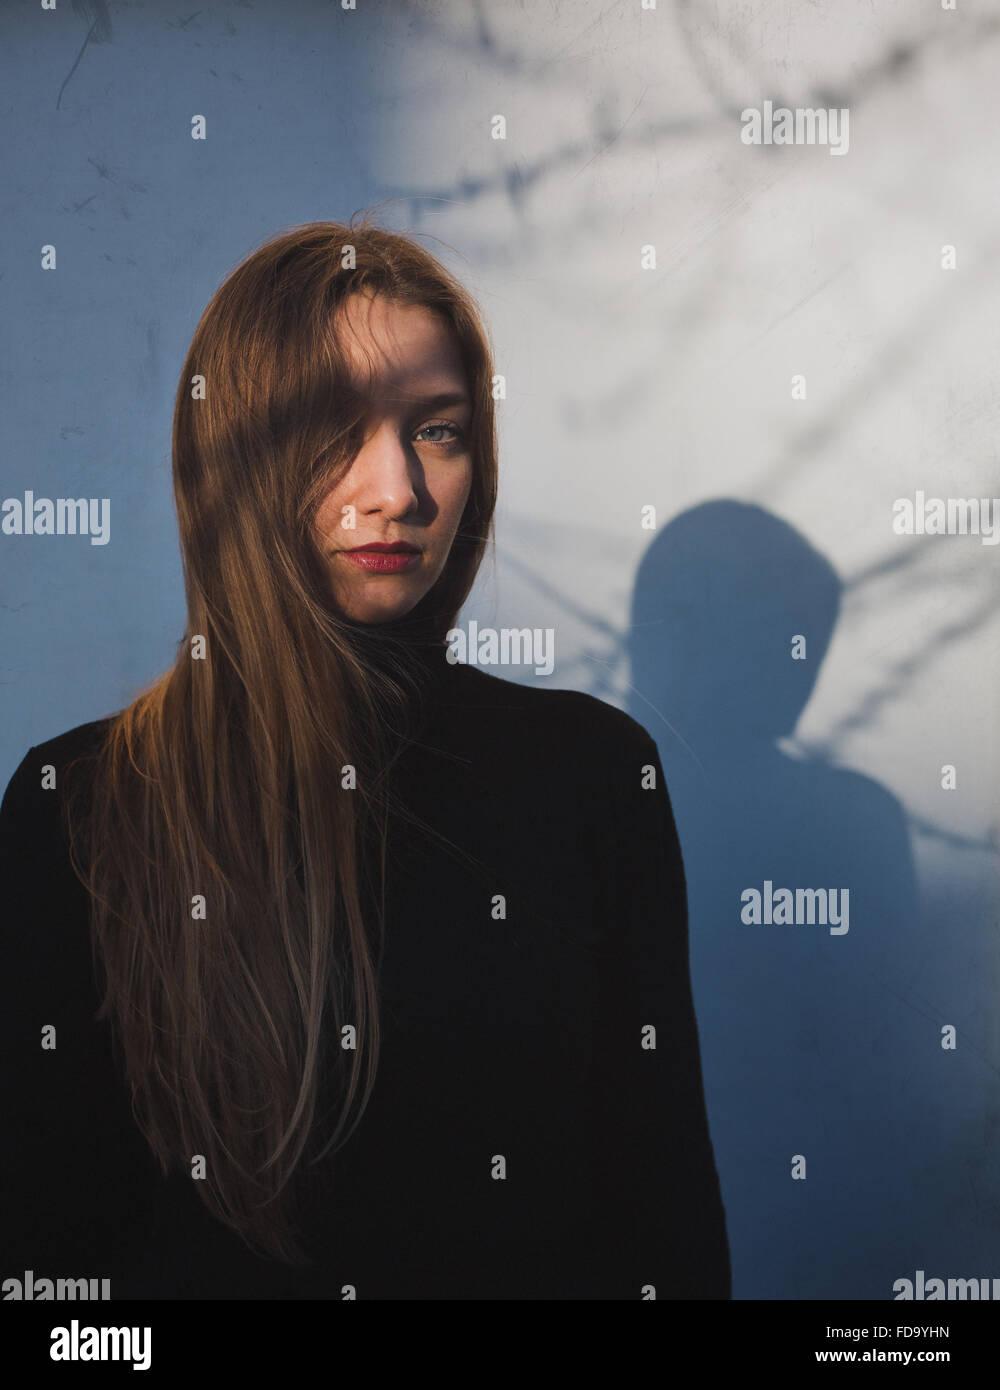 Olga Photo Stock